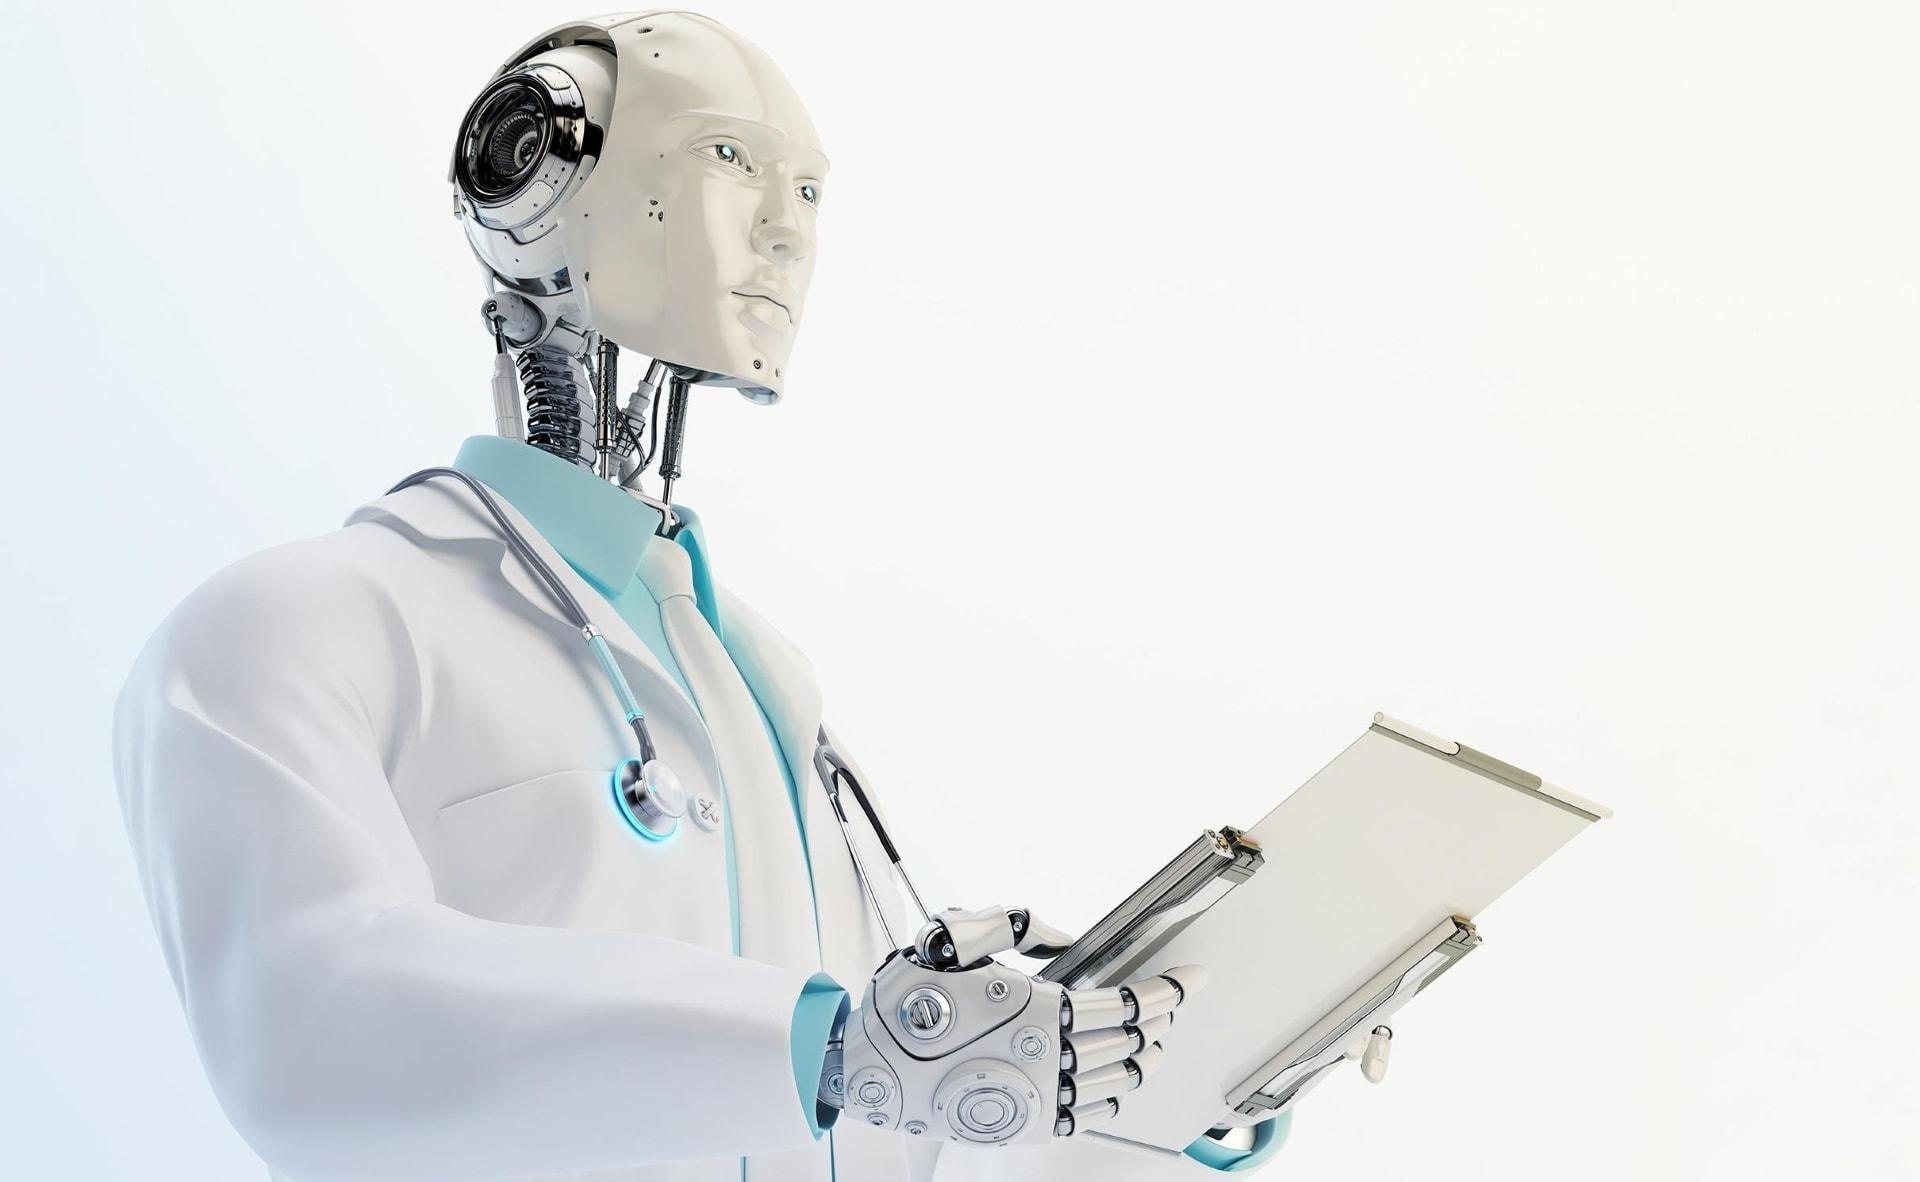 О медицине будущего: «иногда пусть лучше работают машины, чем человек»